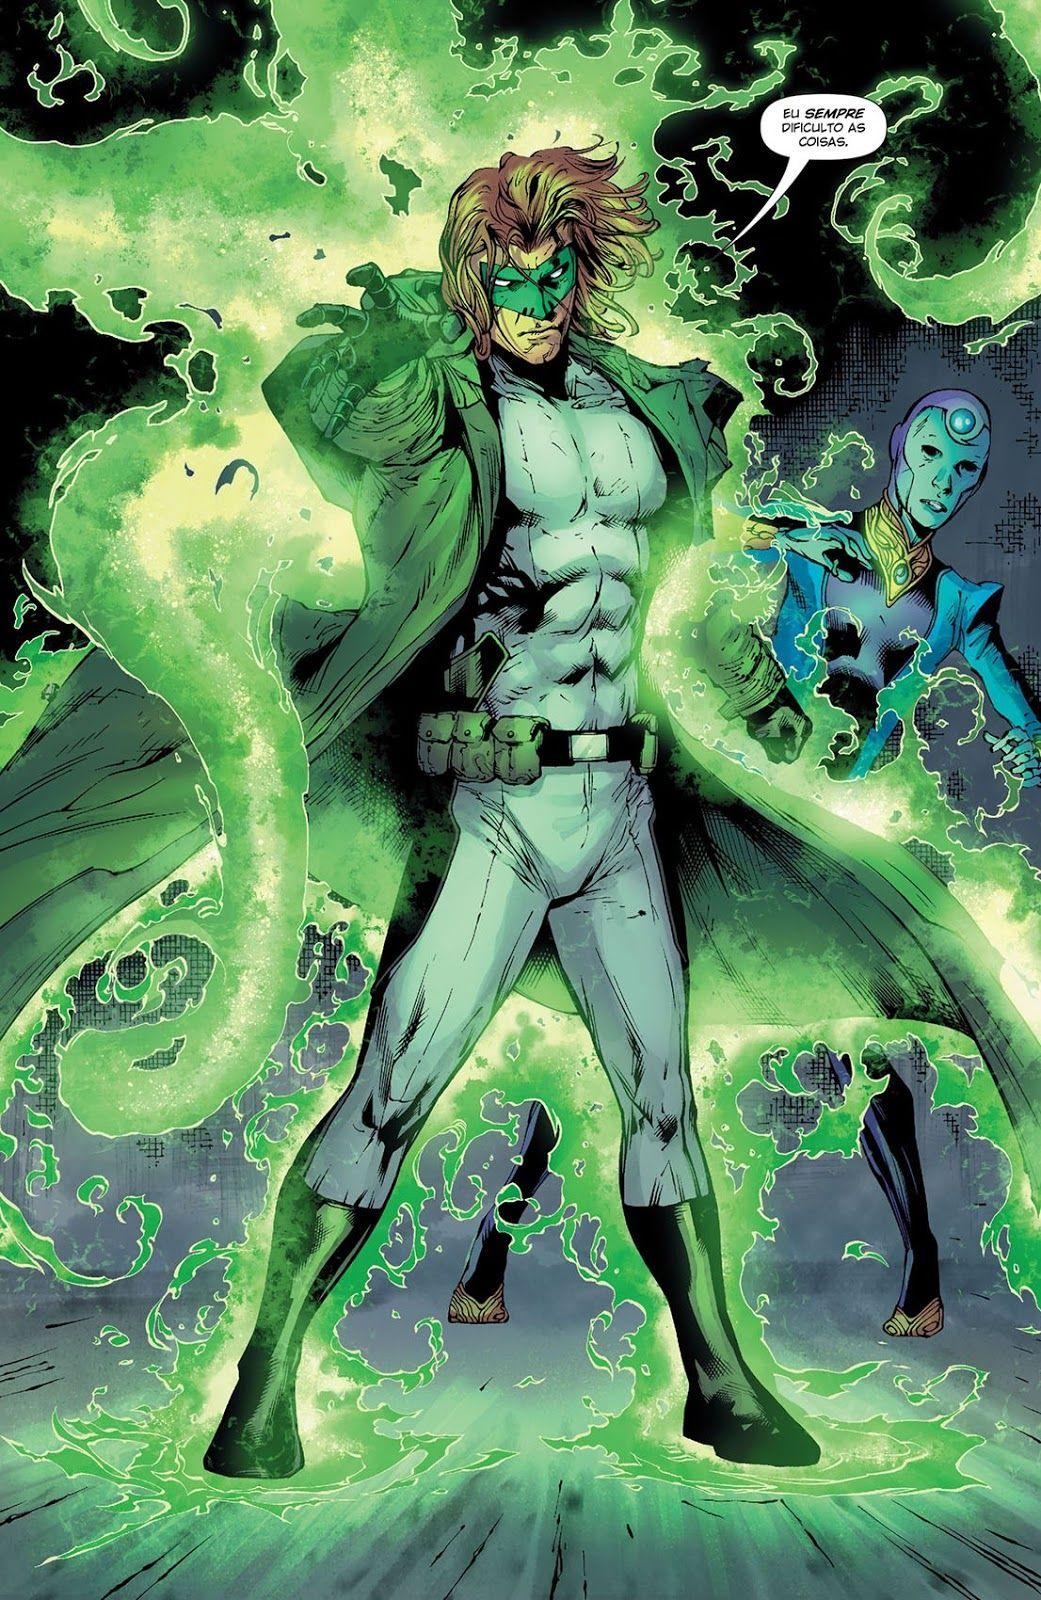 Os Novos 52! Lanterna Verde #41 - Galáxia dos Quadrinhos